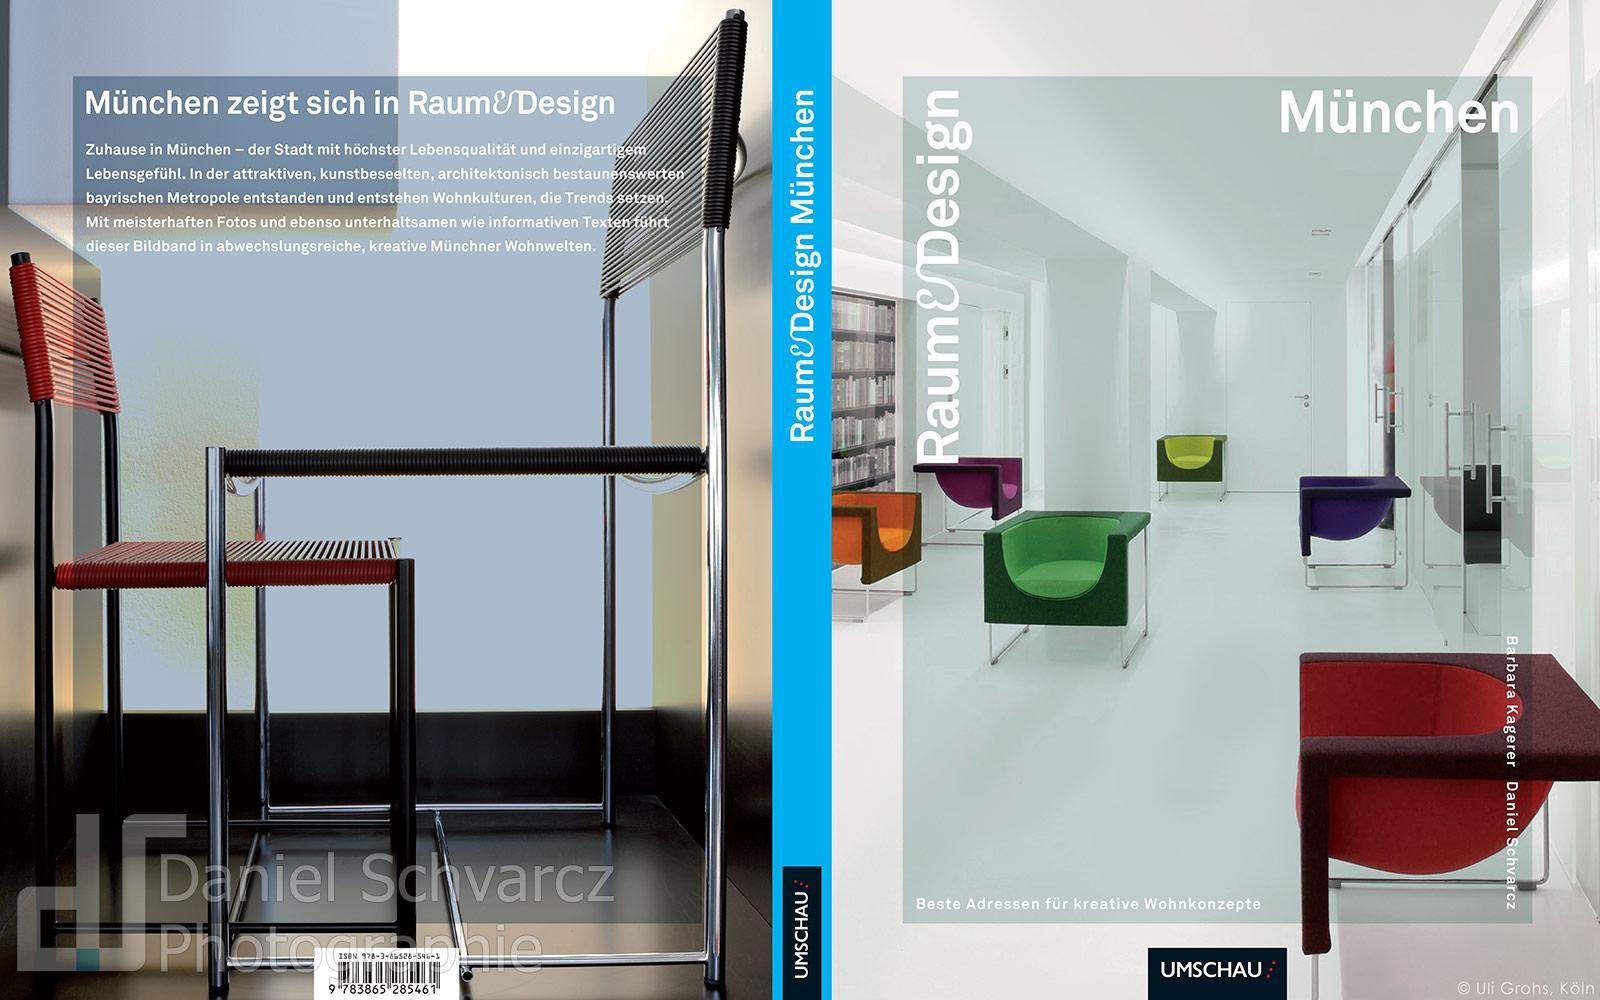 Design München